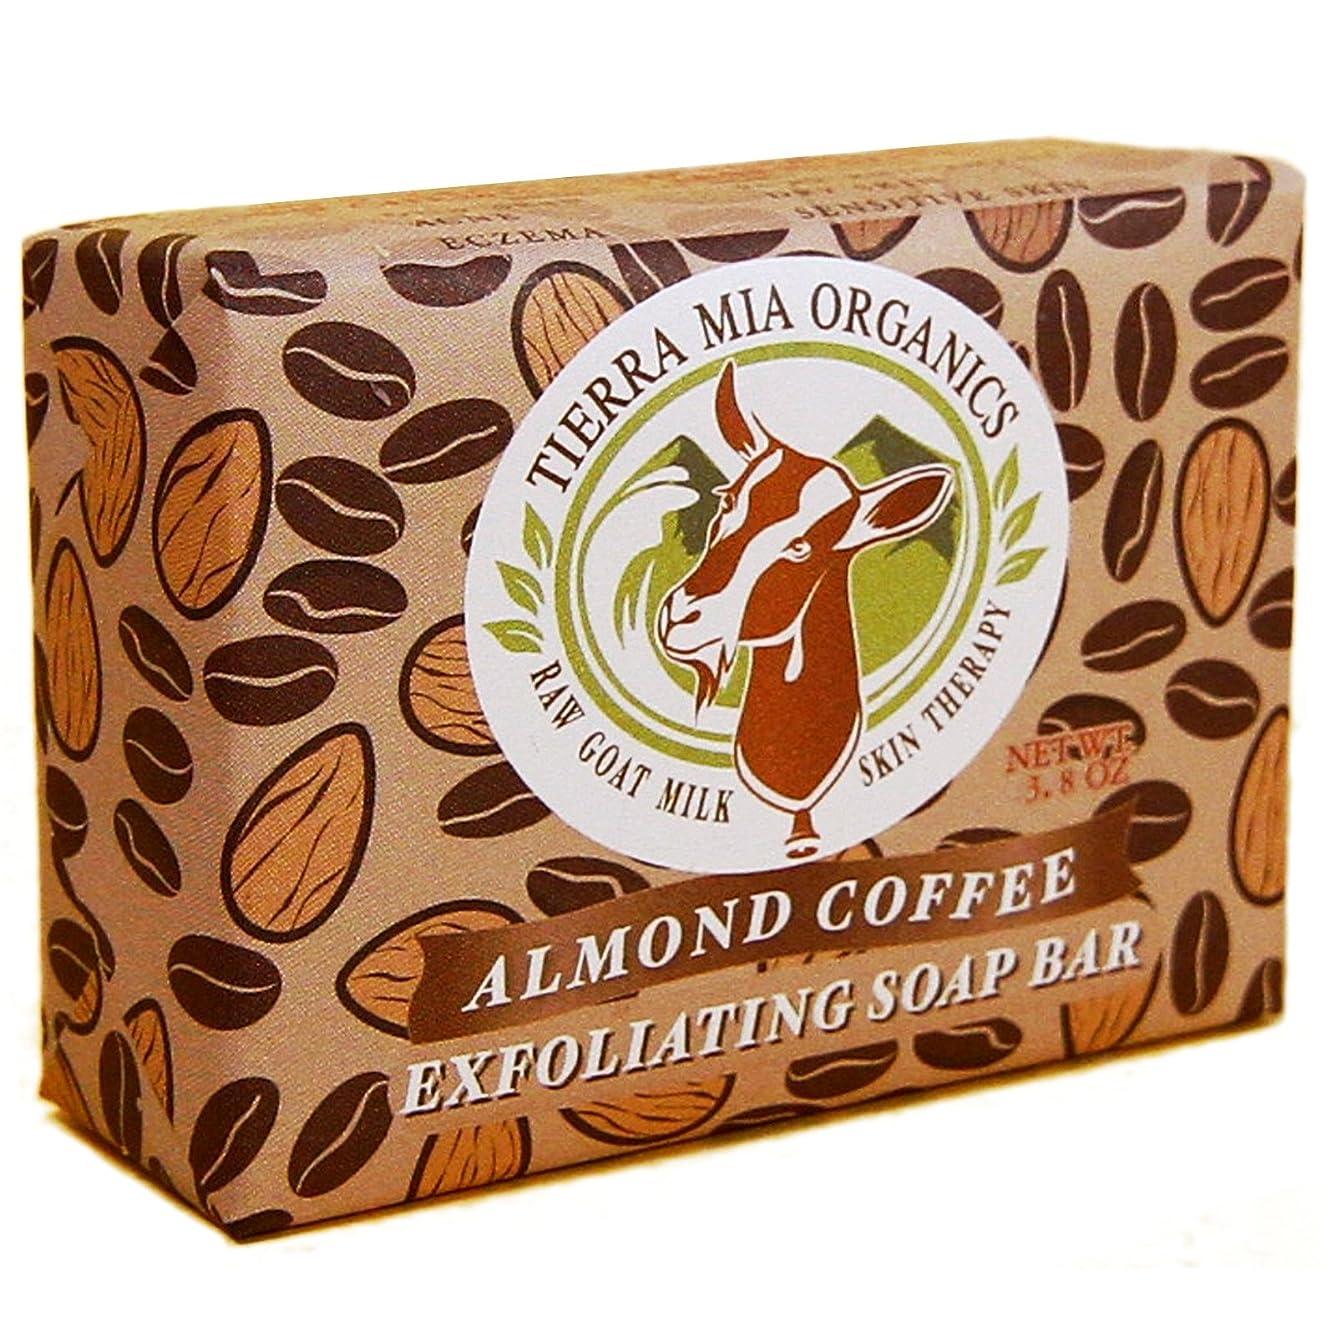 修正不承認ラインナップTierra Mia Organics, Raw Goat Milk Skin Therapy, Exfoliating Soap Bar, Almond Coffee, 3.8 oz